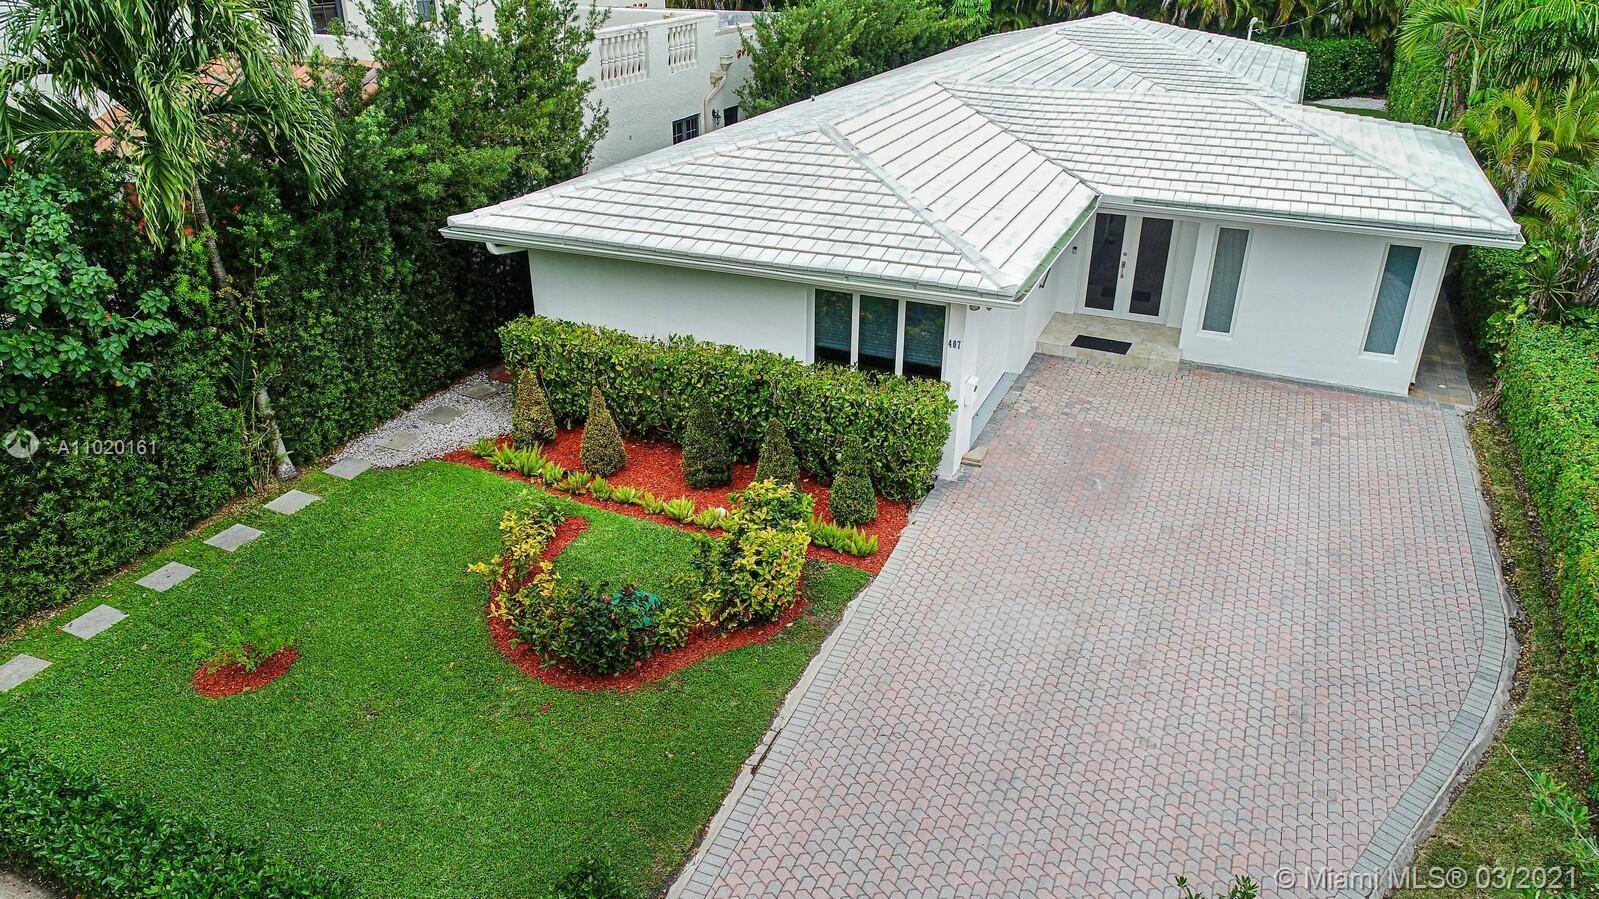 407 Sarto Ave, Coral Gables, FL 33134 - #: A11020161